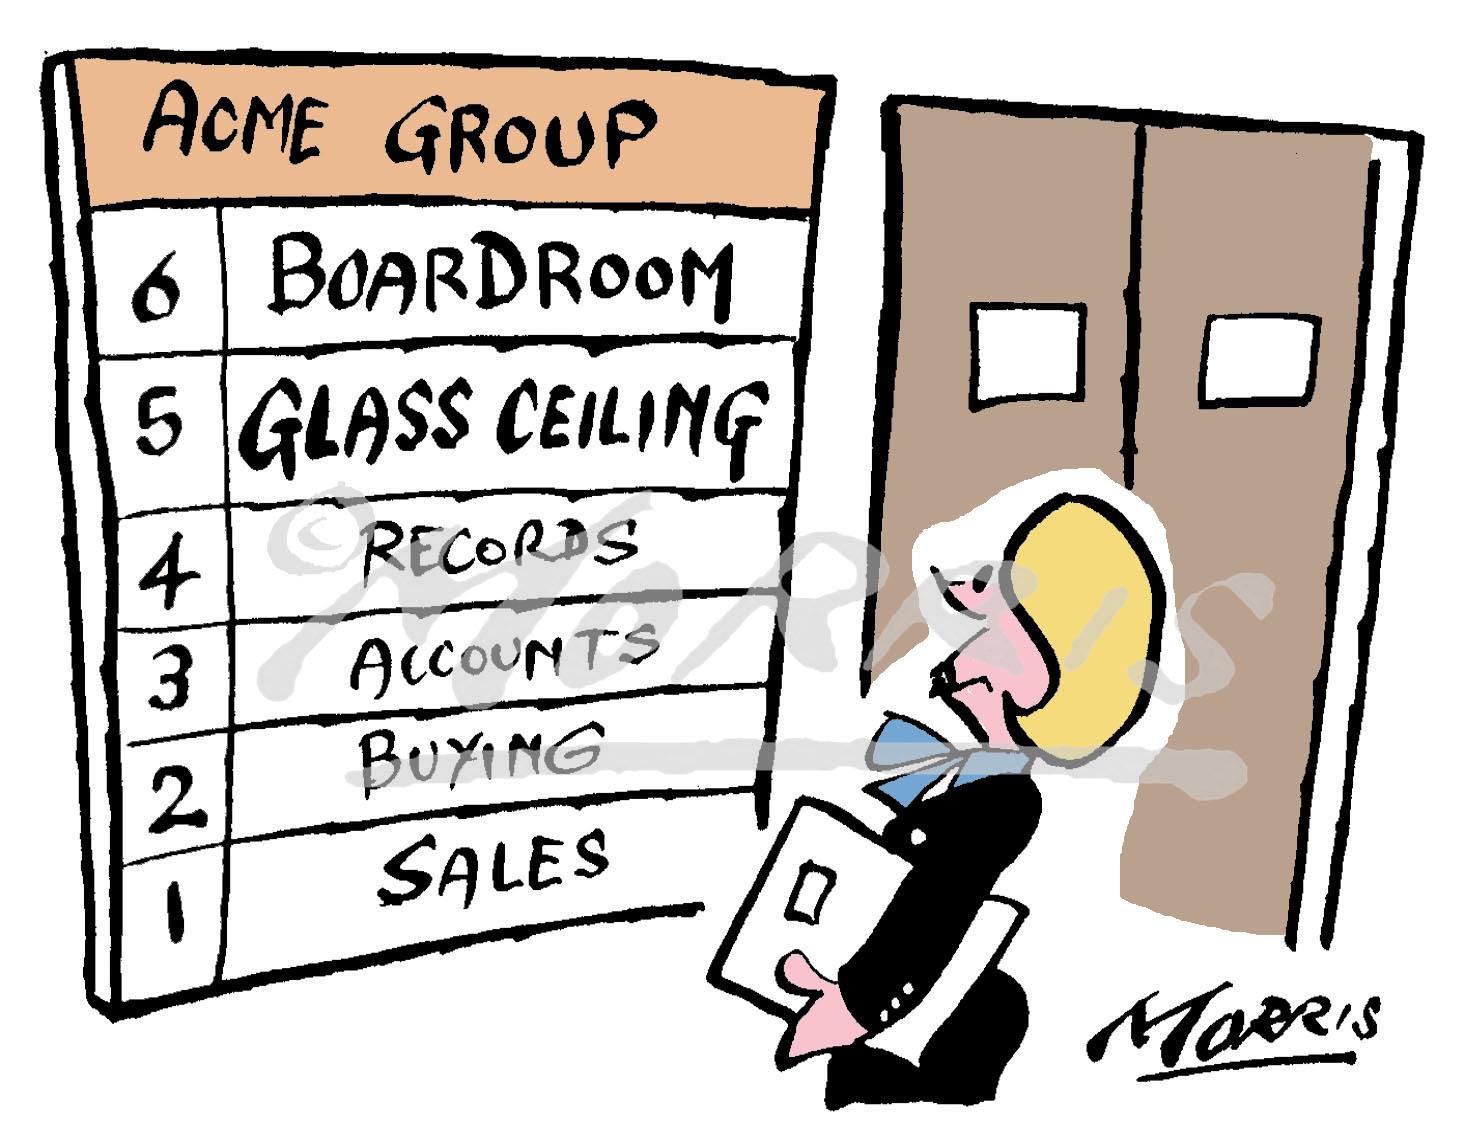 Glass ceiling business cartoon – Ref: 2422col